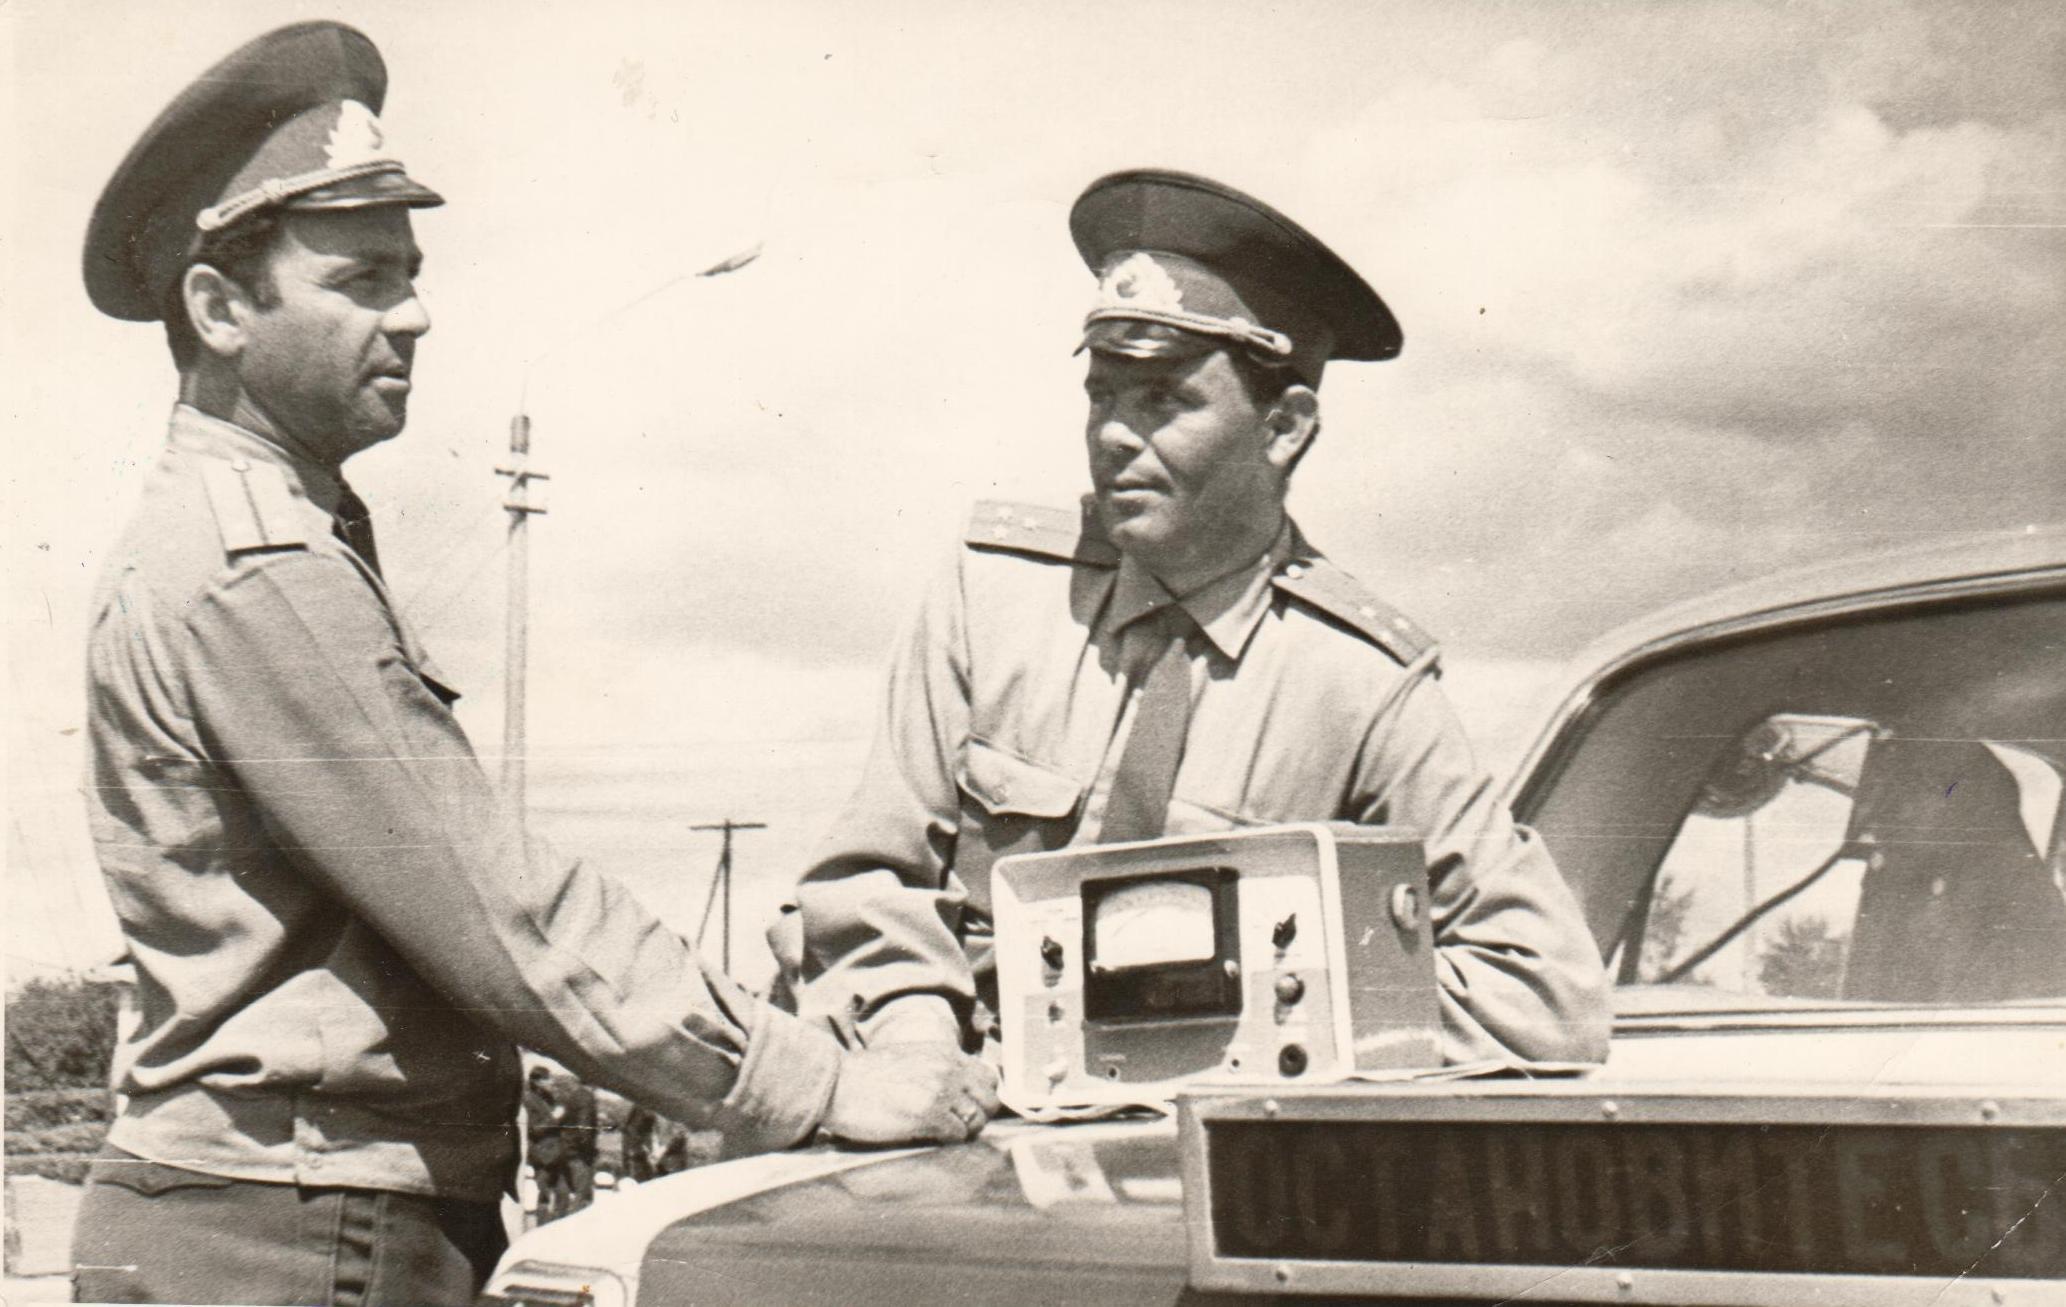 фото из личного архива Н. Шестернева